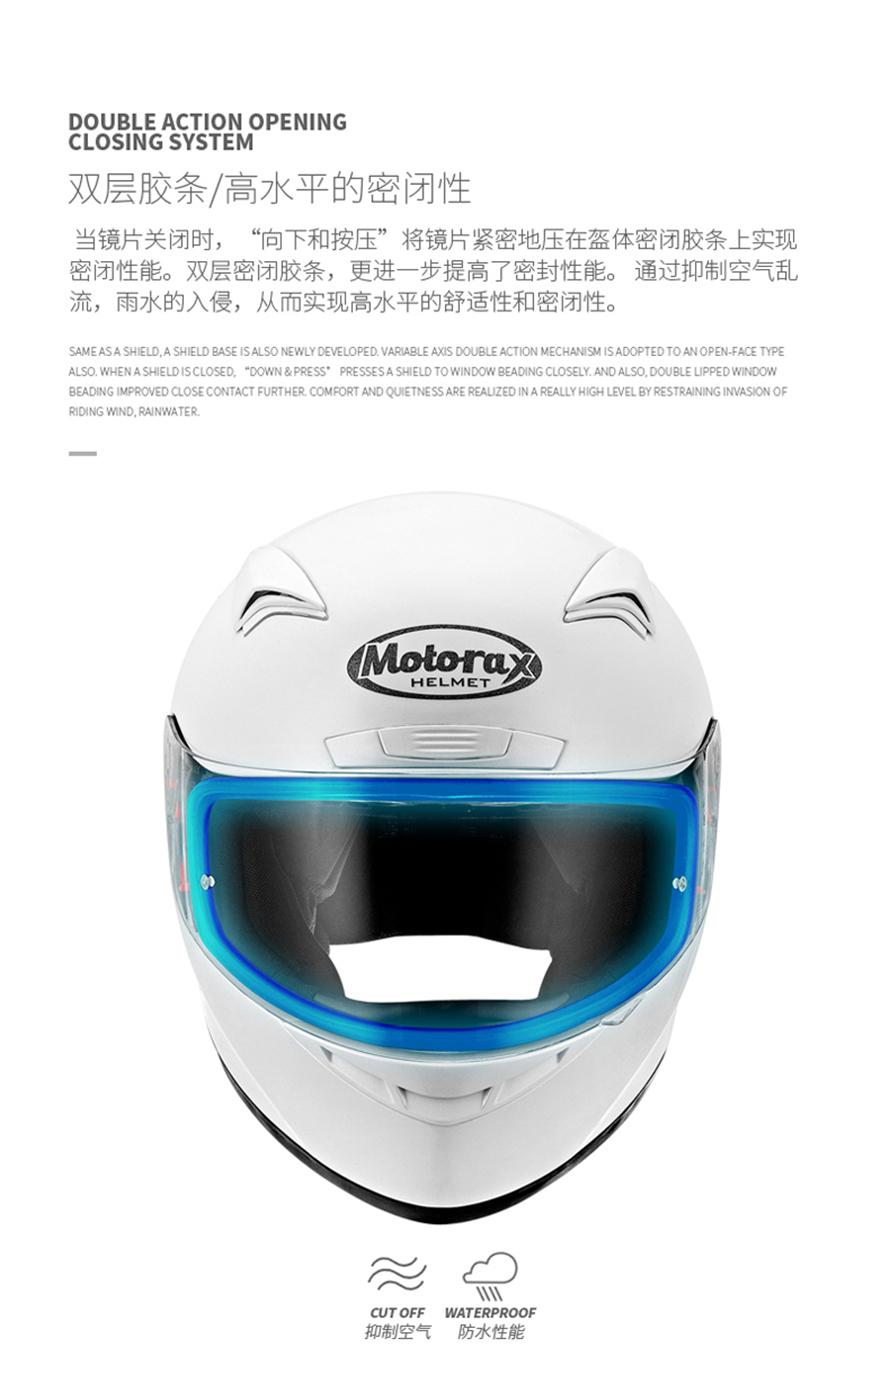 (6)Motorax摩雷士----双层胶条-高水平密闭性.jpg